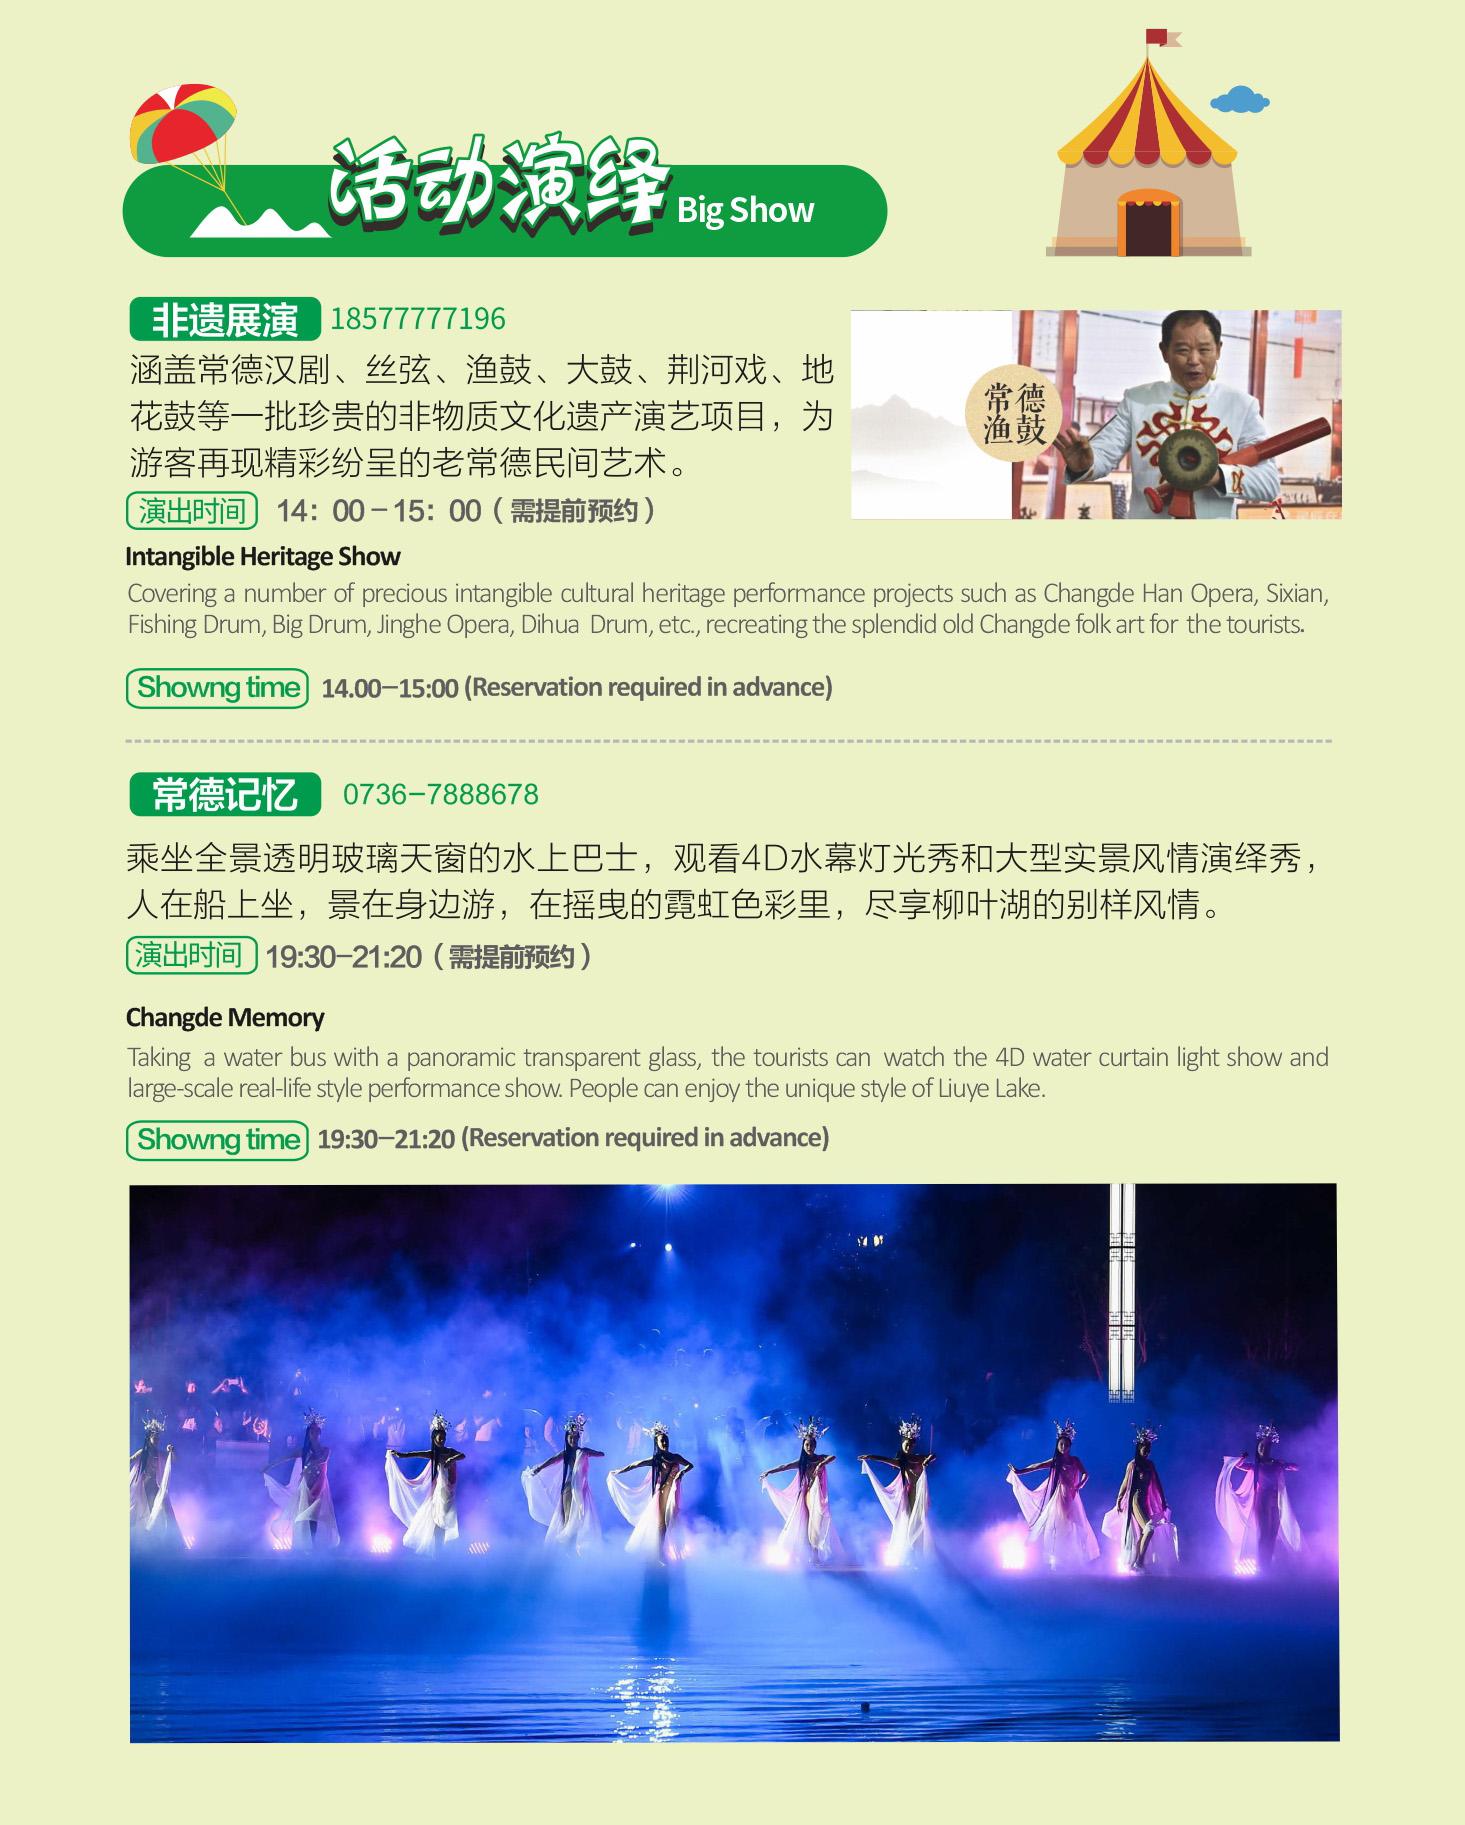 兴博旅助力柳叶湖成功创建国家级旅游度假区(图26)